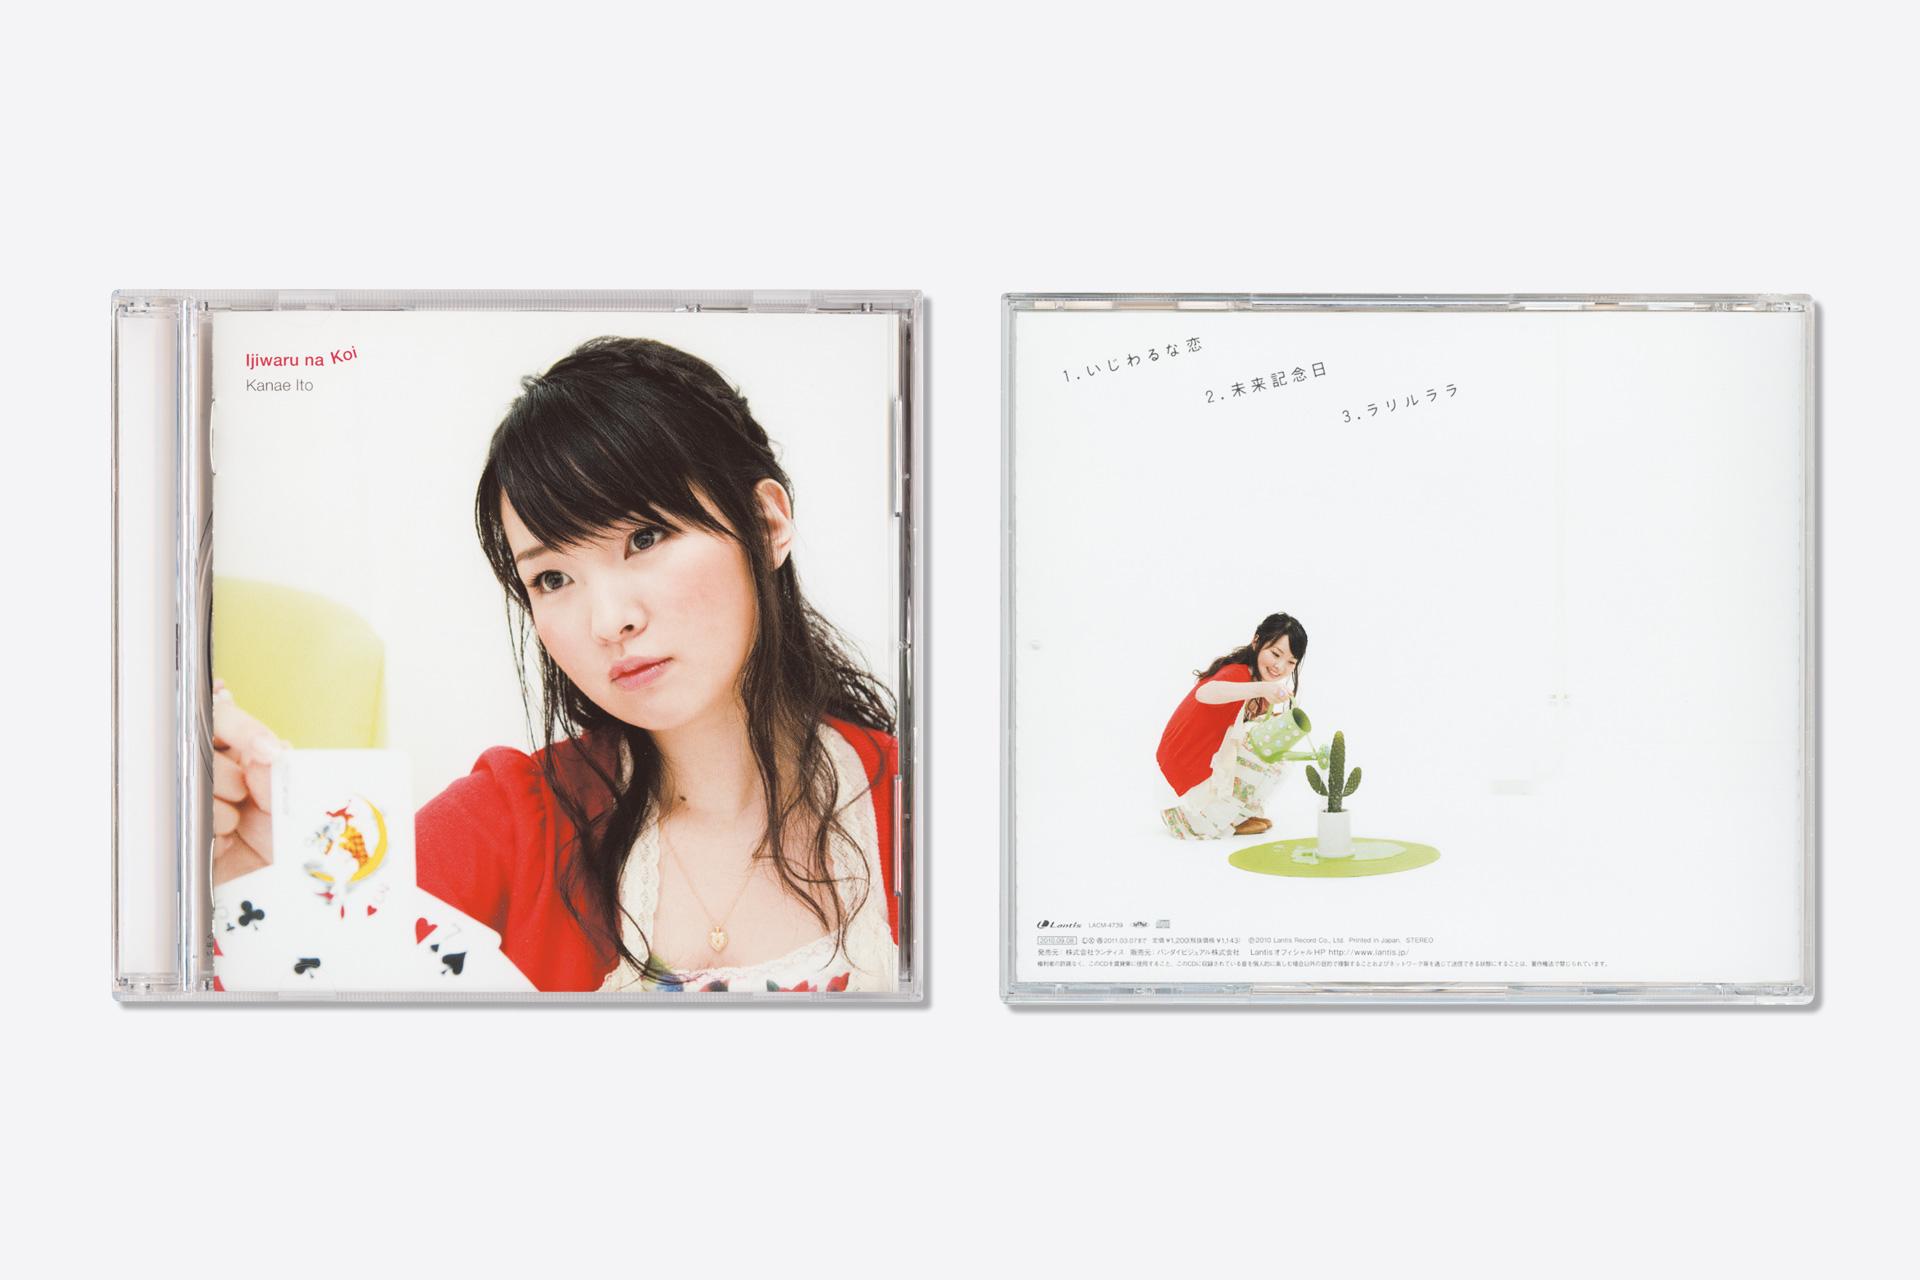 いじわるな恋 / 伊藤かな恵